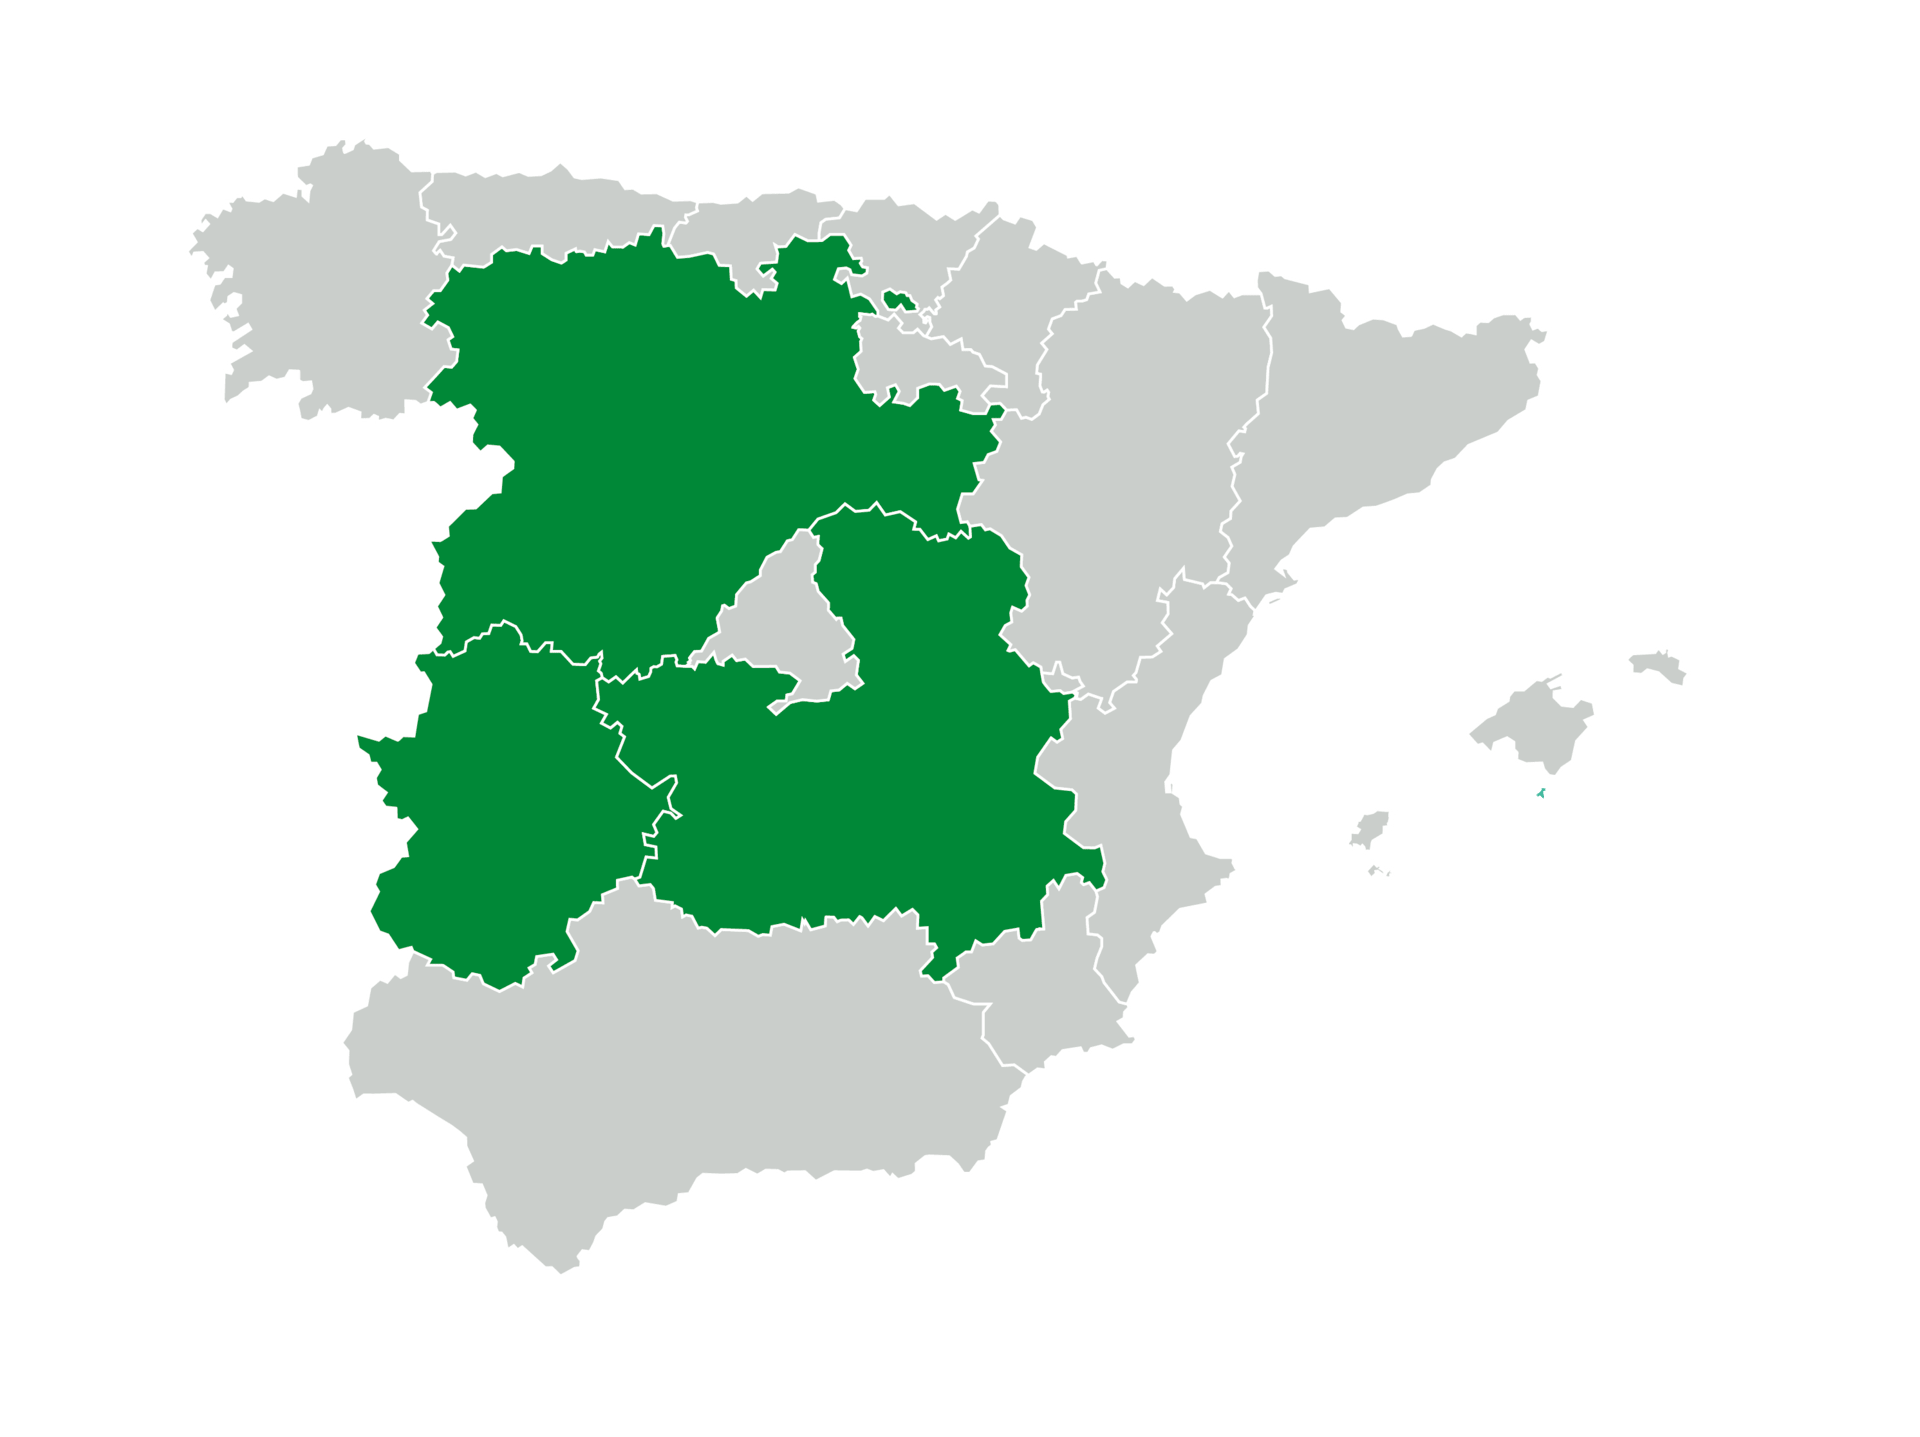 Mapa de España con Castilla y León, Castilla-La Mancha y Extremadura marcadas en verde